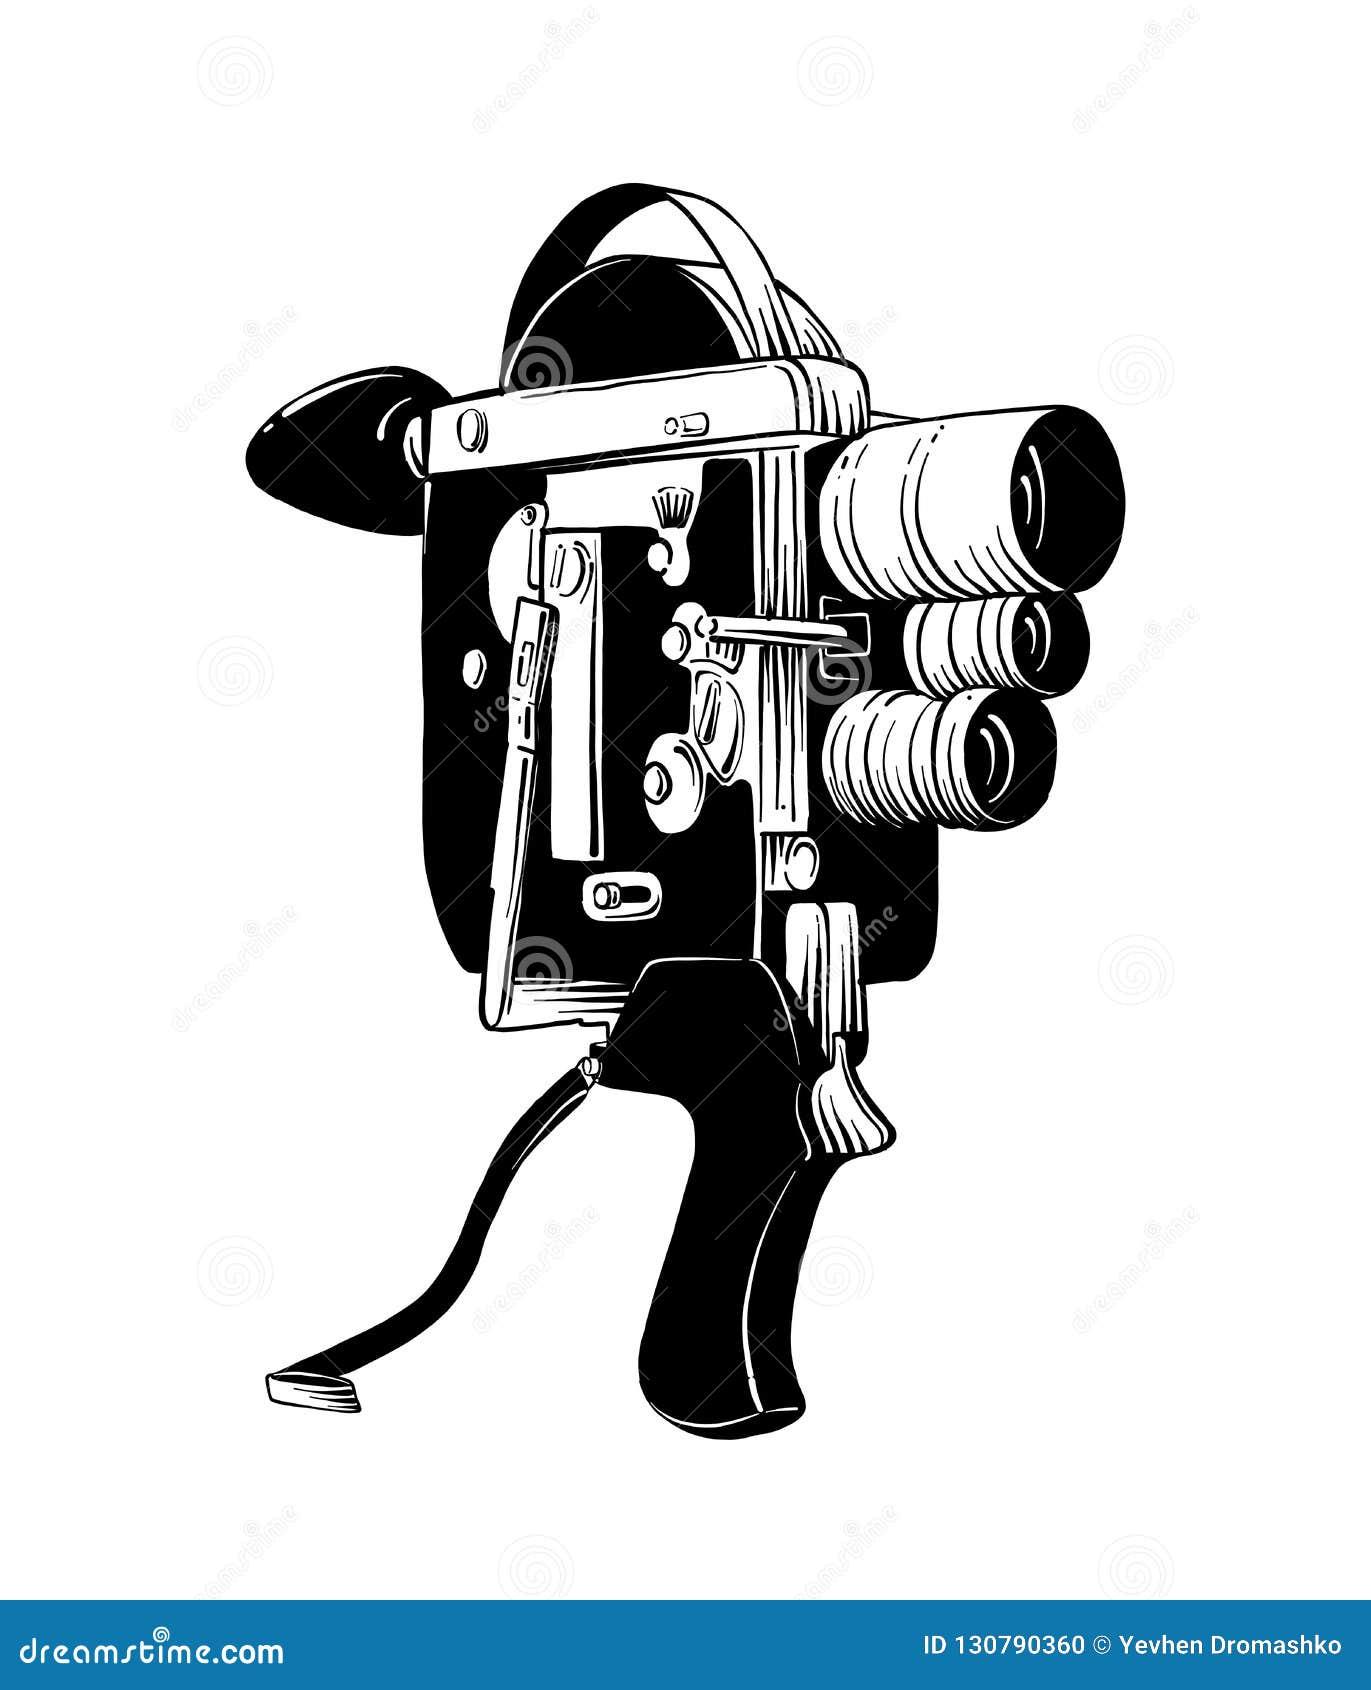 Bosquejo Exhausto De La Mano De La Cámara De Vídeo Vieja En